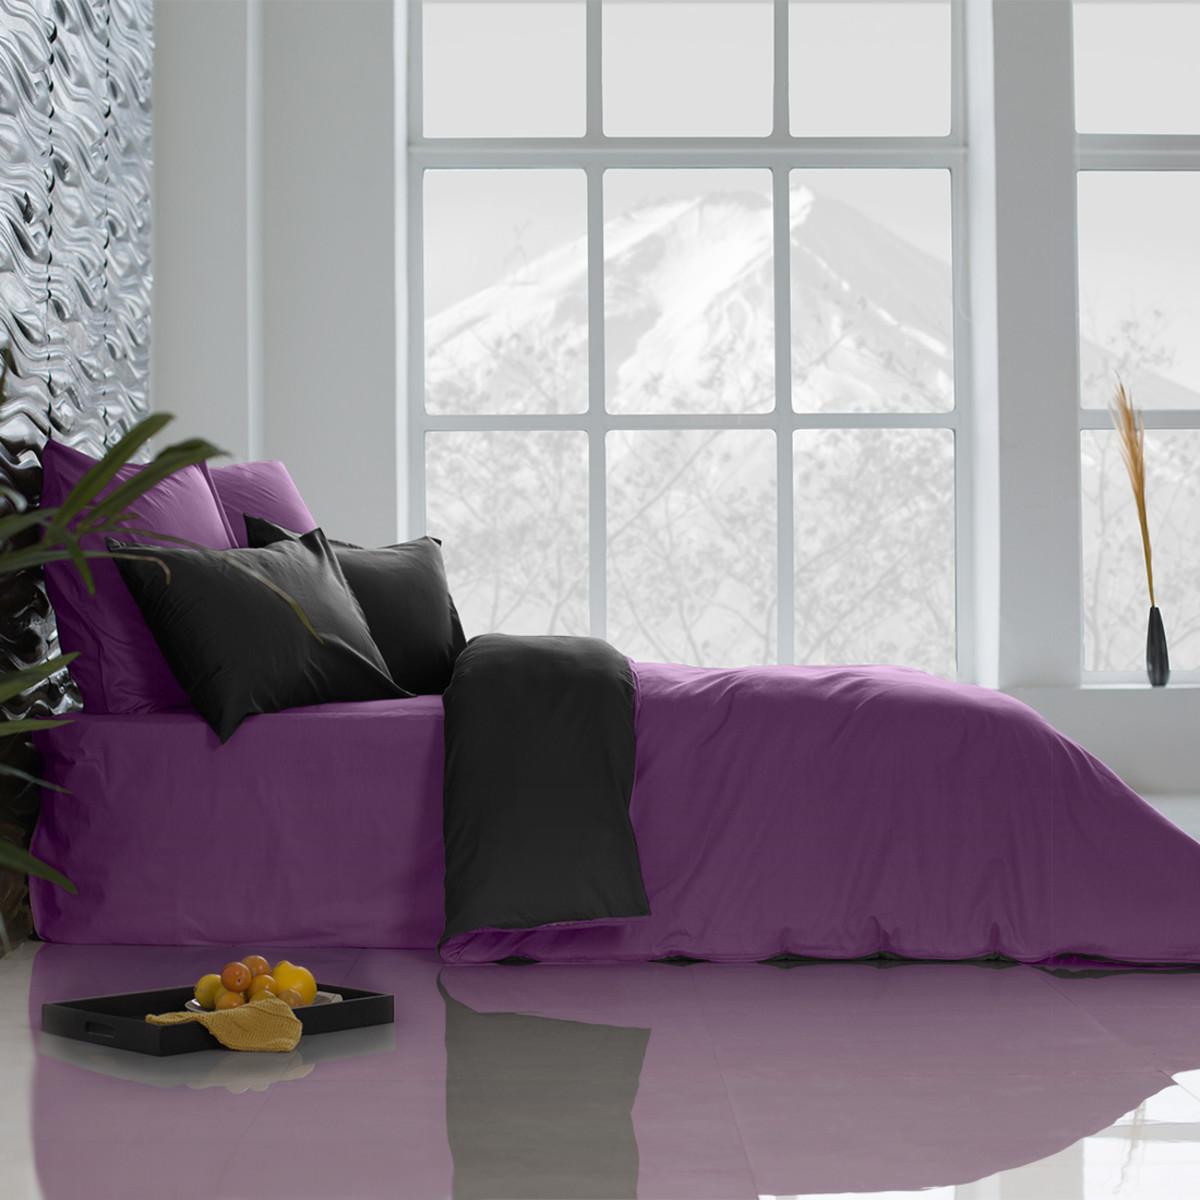 Комплект Постельного Белья Perfection Евро Микрофибра 50x70 70x70